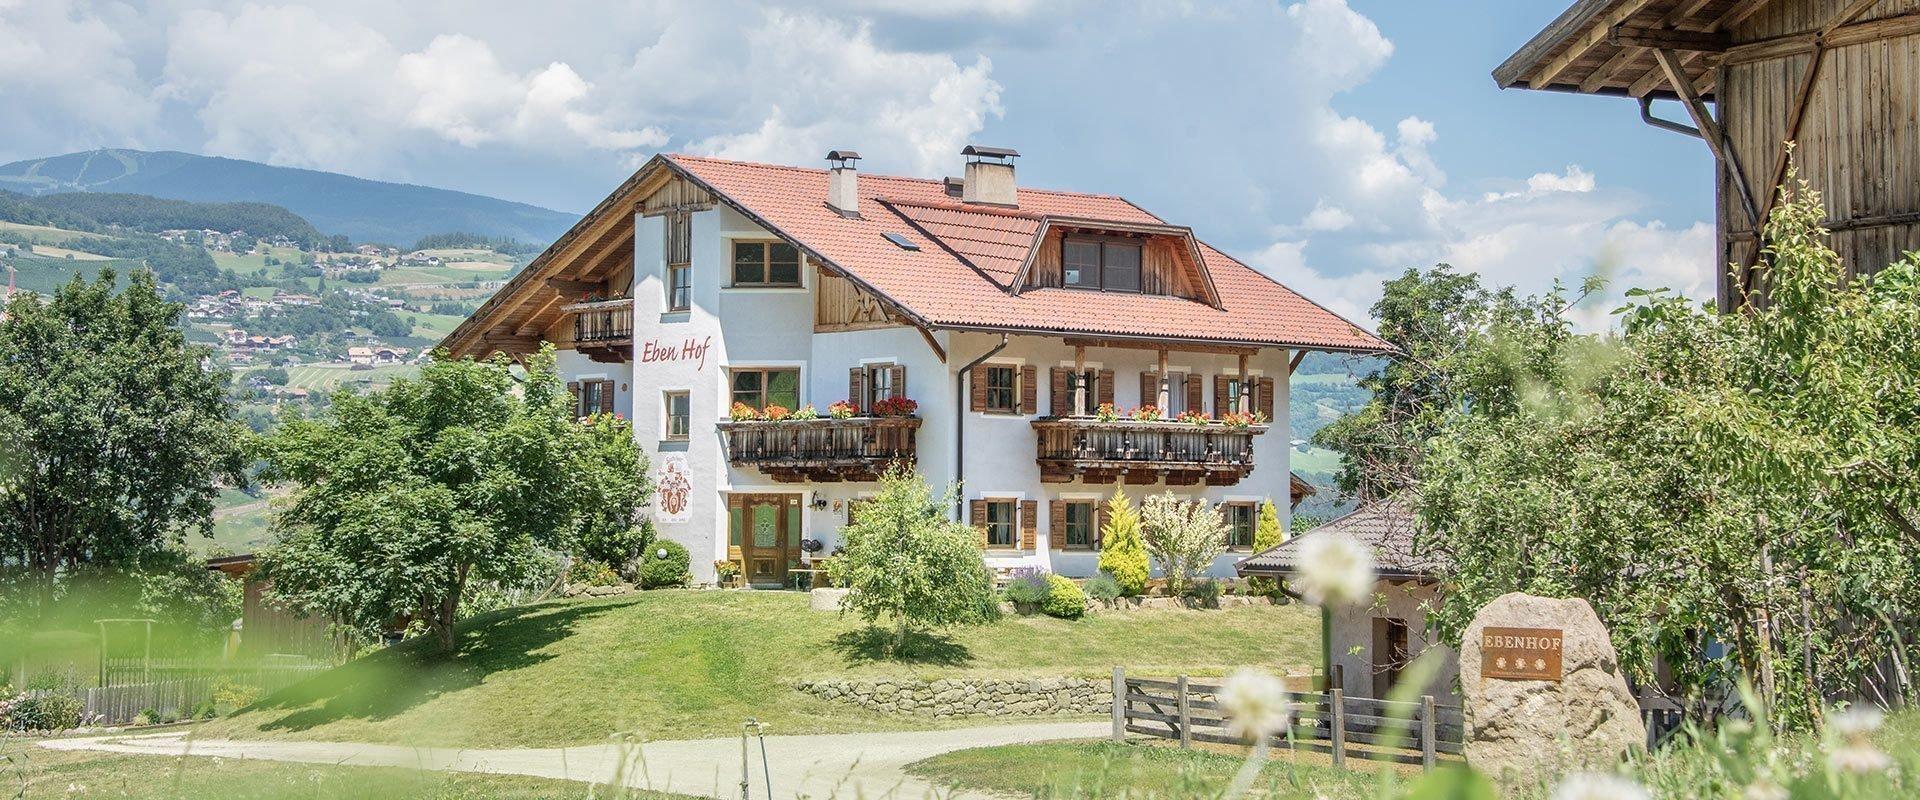 Ebenhof | Urlaub auf dem Bauernhof in Steinegg/Eggetal/Südtirol